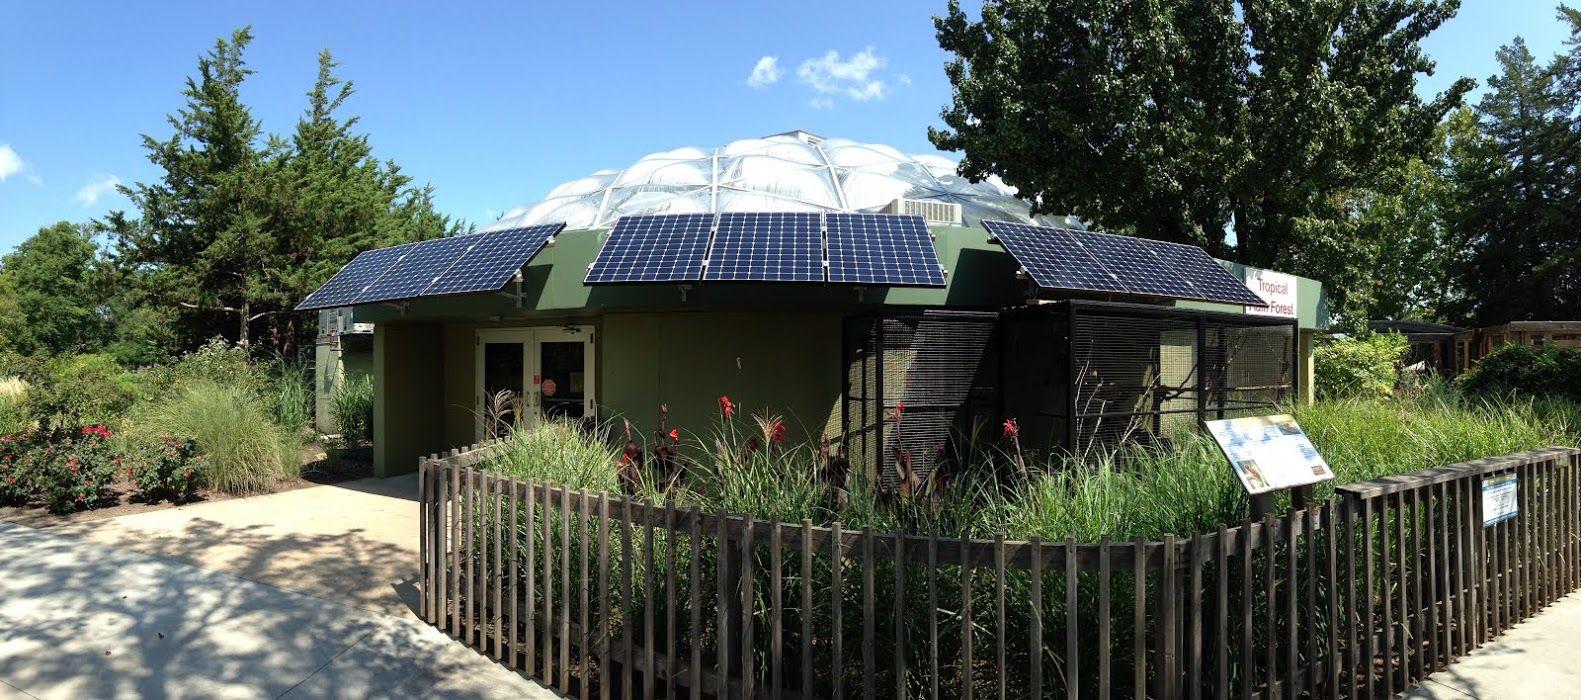 PV solar module Off Grid